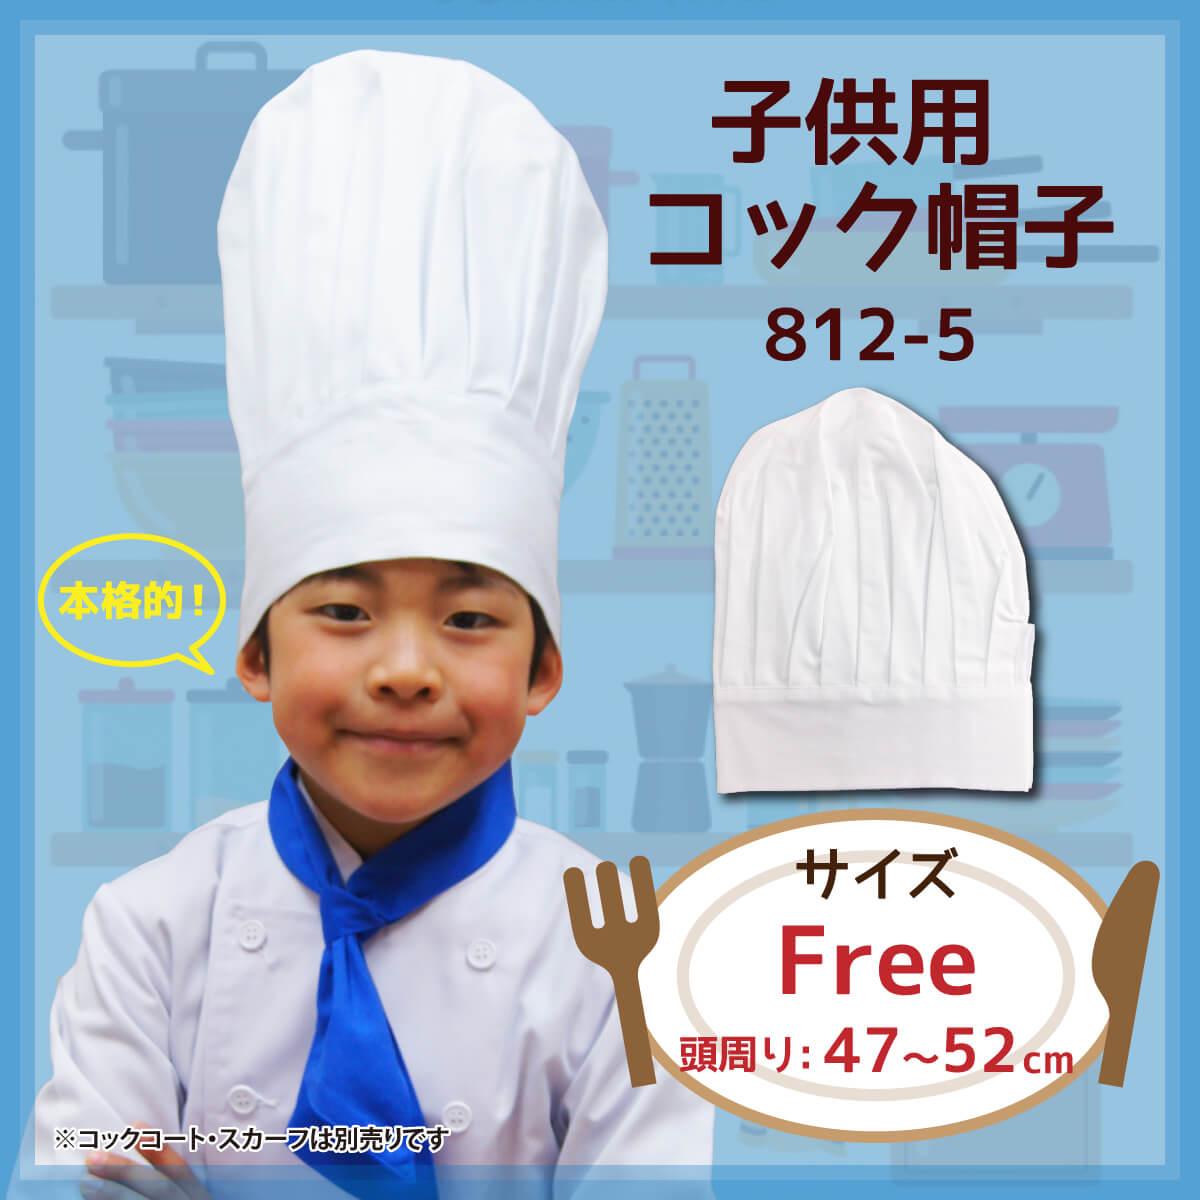 【クリスマス プレゼント 子供 男の子 女の子】 子供用コック帽子 帽子 コック クッキング 児童用 白衣 812-5